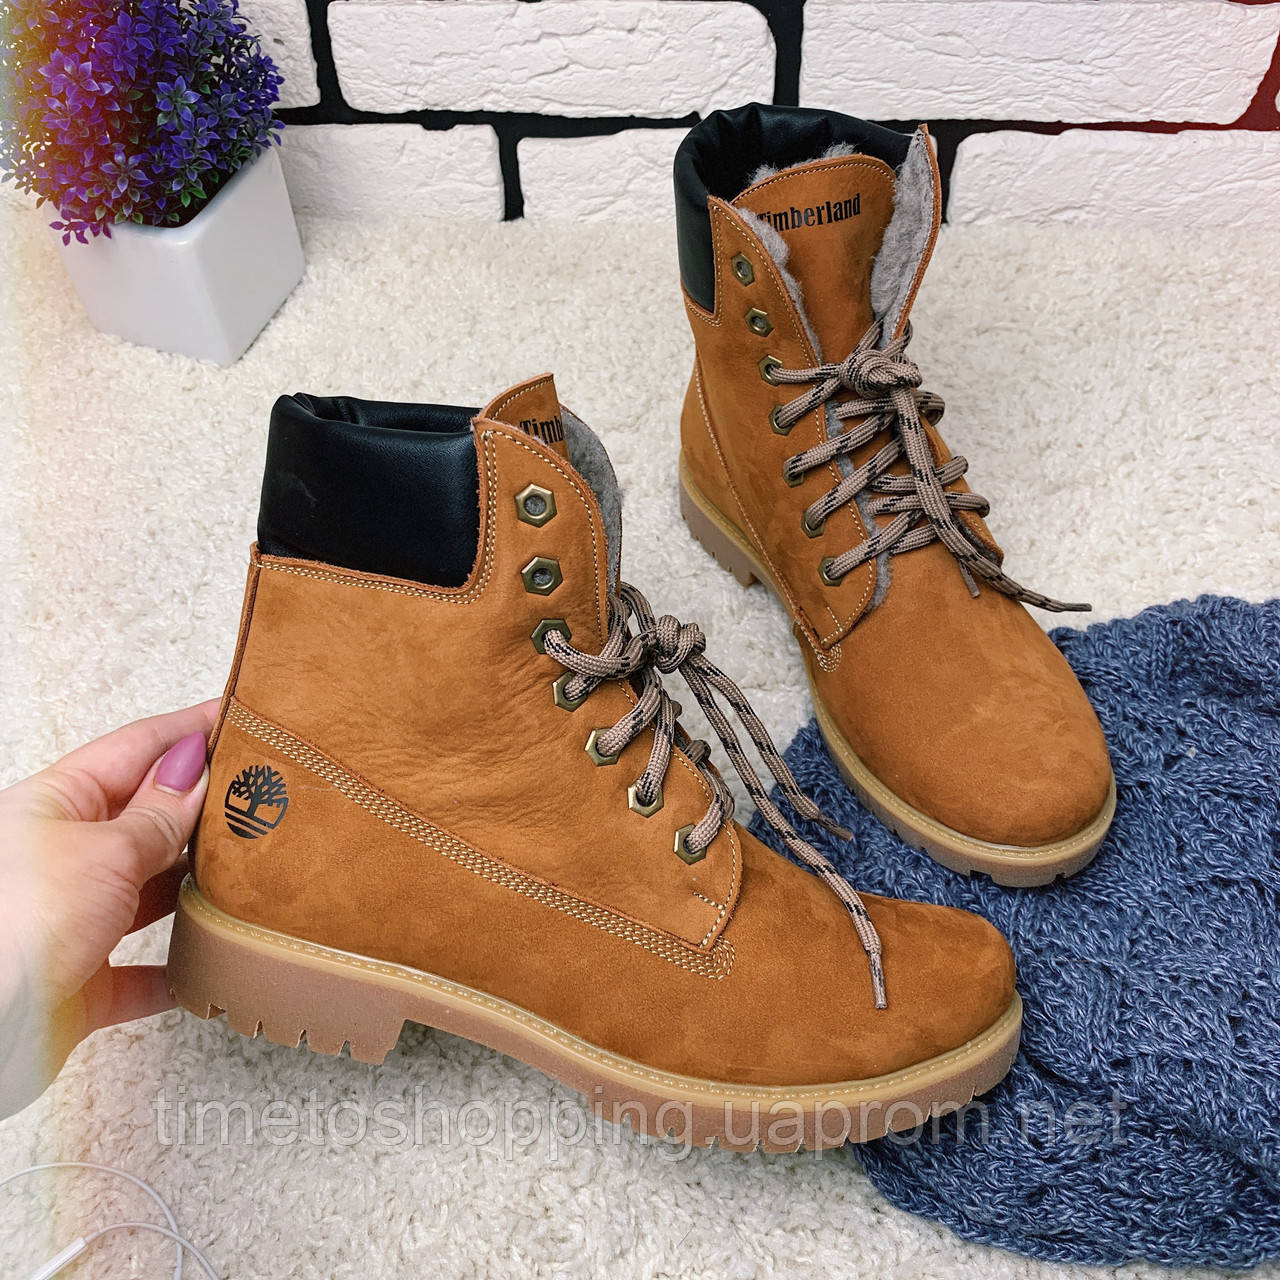 Зимние ботинки  (на меху) женские Timberland  13052 ⏩ [ 39,40 ]